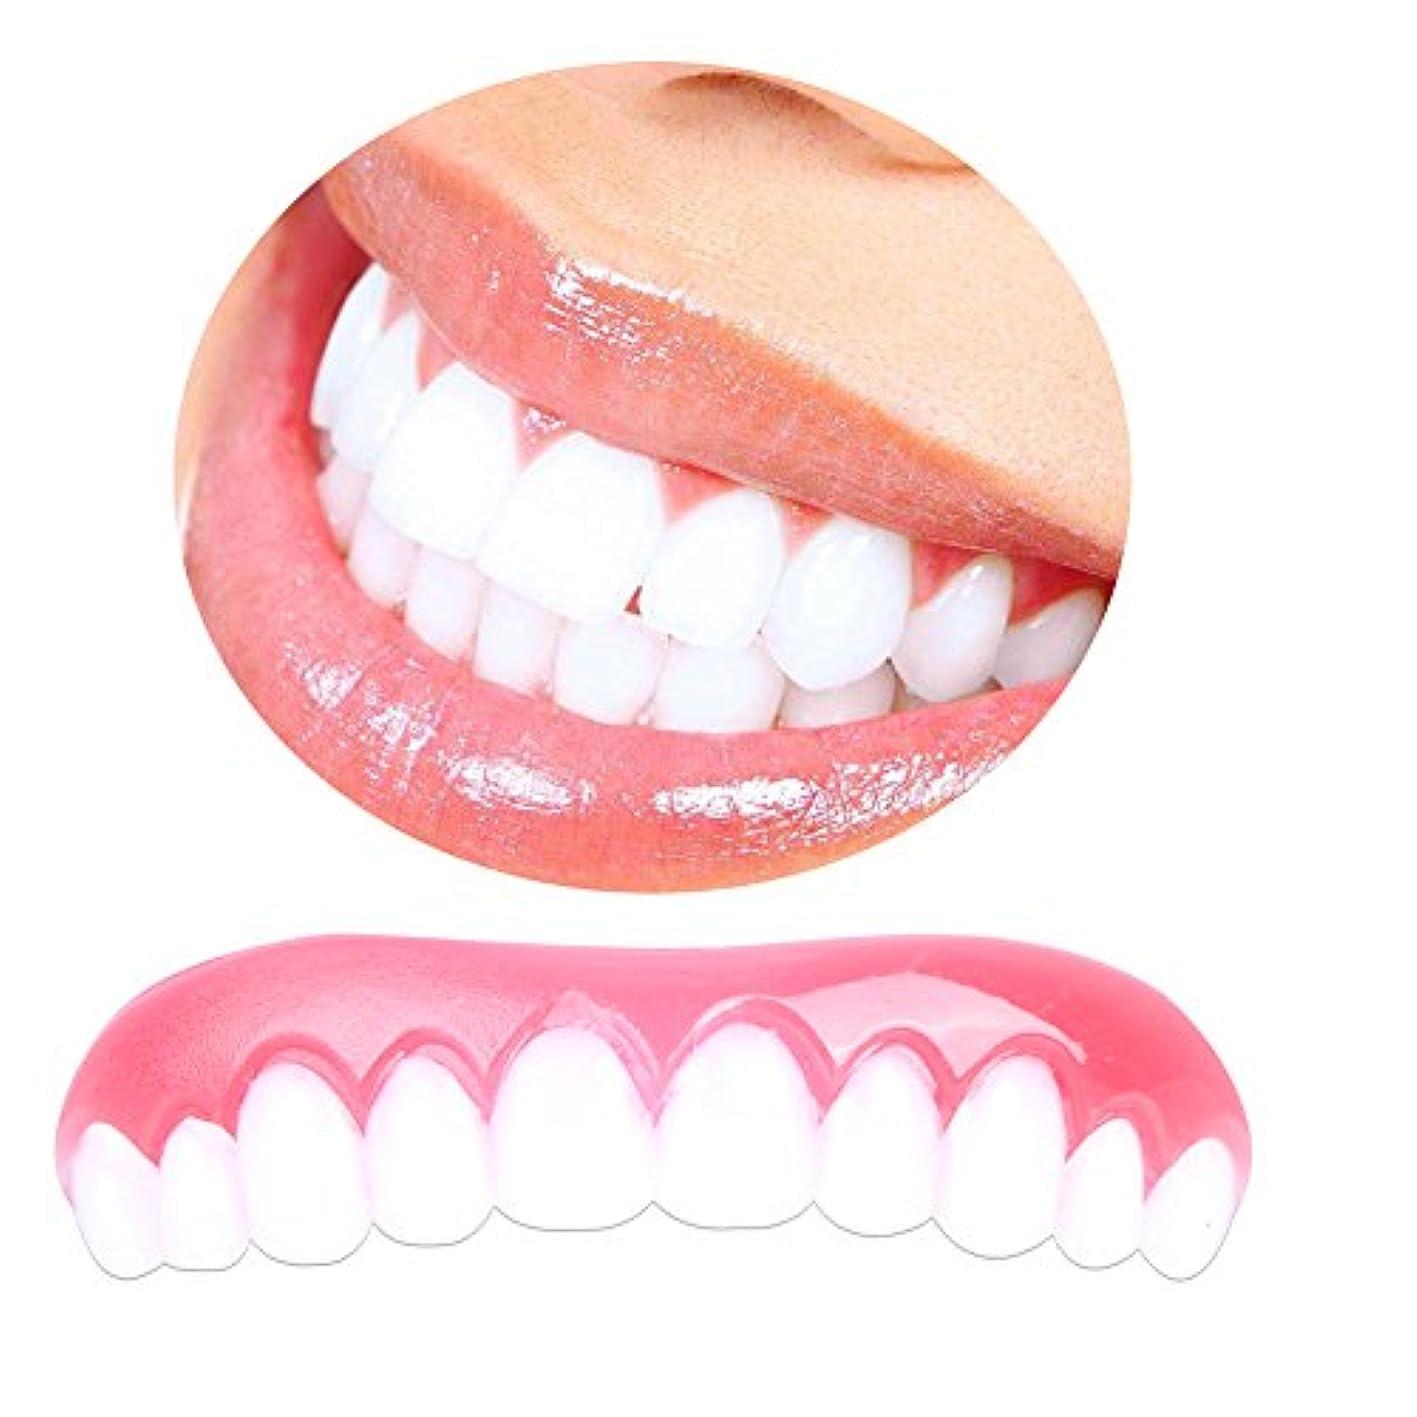 請う生きている花婿コンフォートフィットフレックス化粧品歯パーフェクトスマイルベニアダブの歯の矯正用ダブ歯用ホワイトパーフェクトスマイルベニア歯のホワイトニング-2個